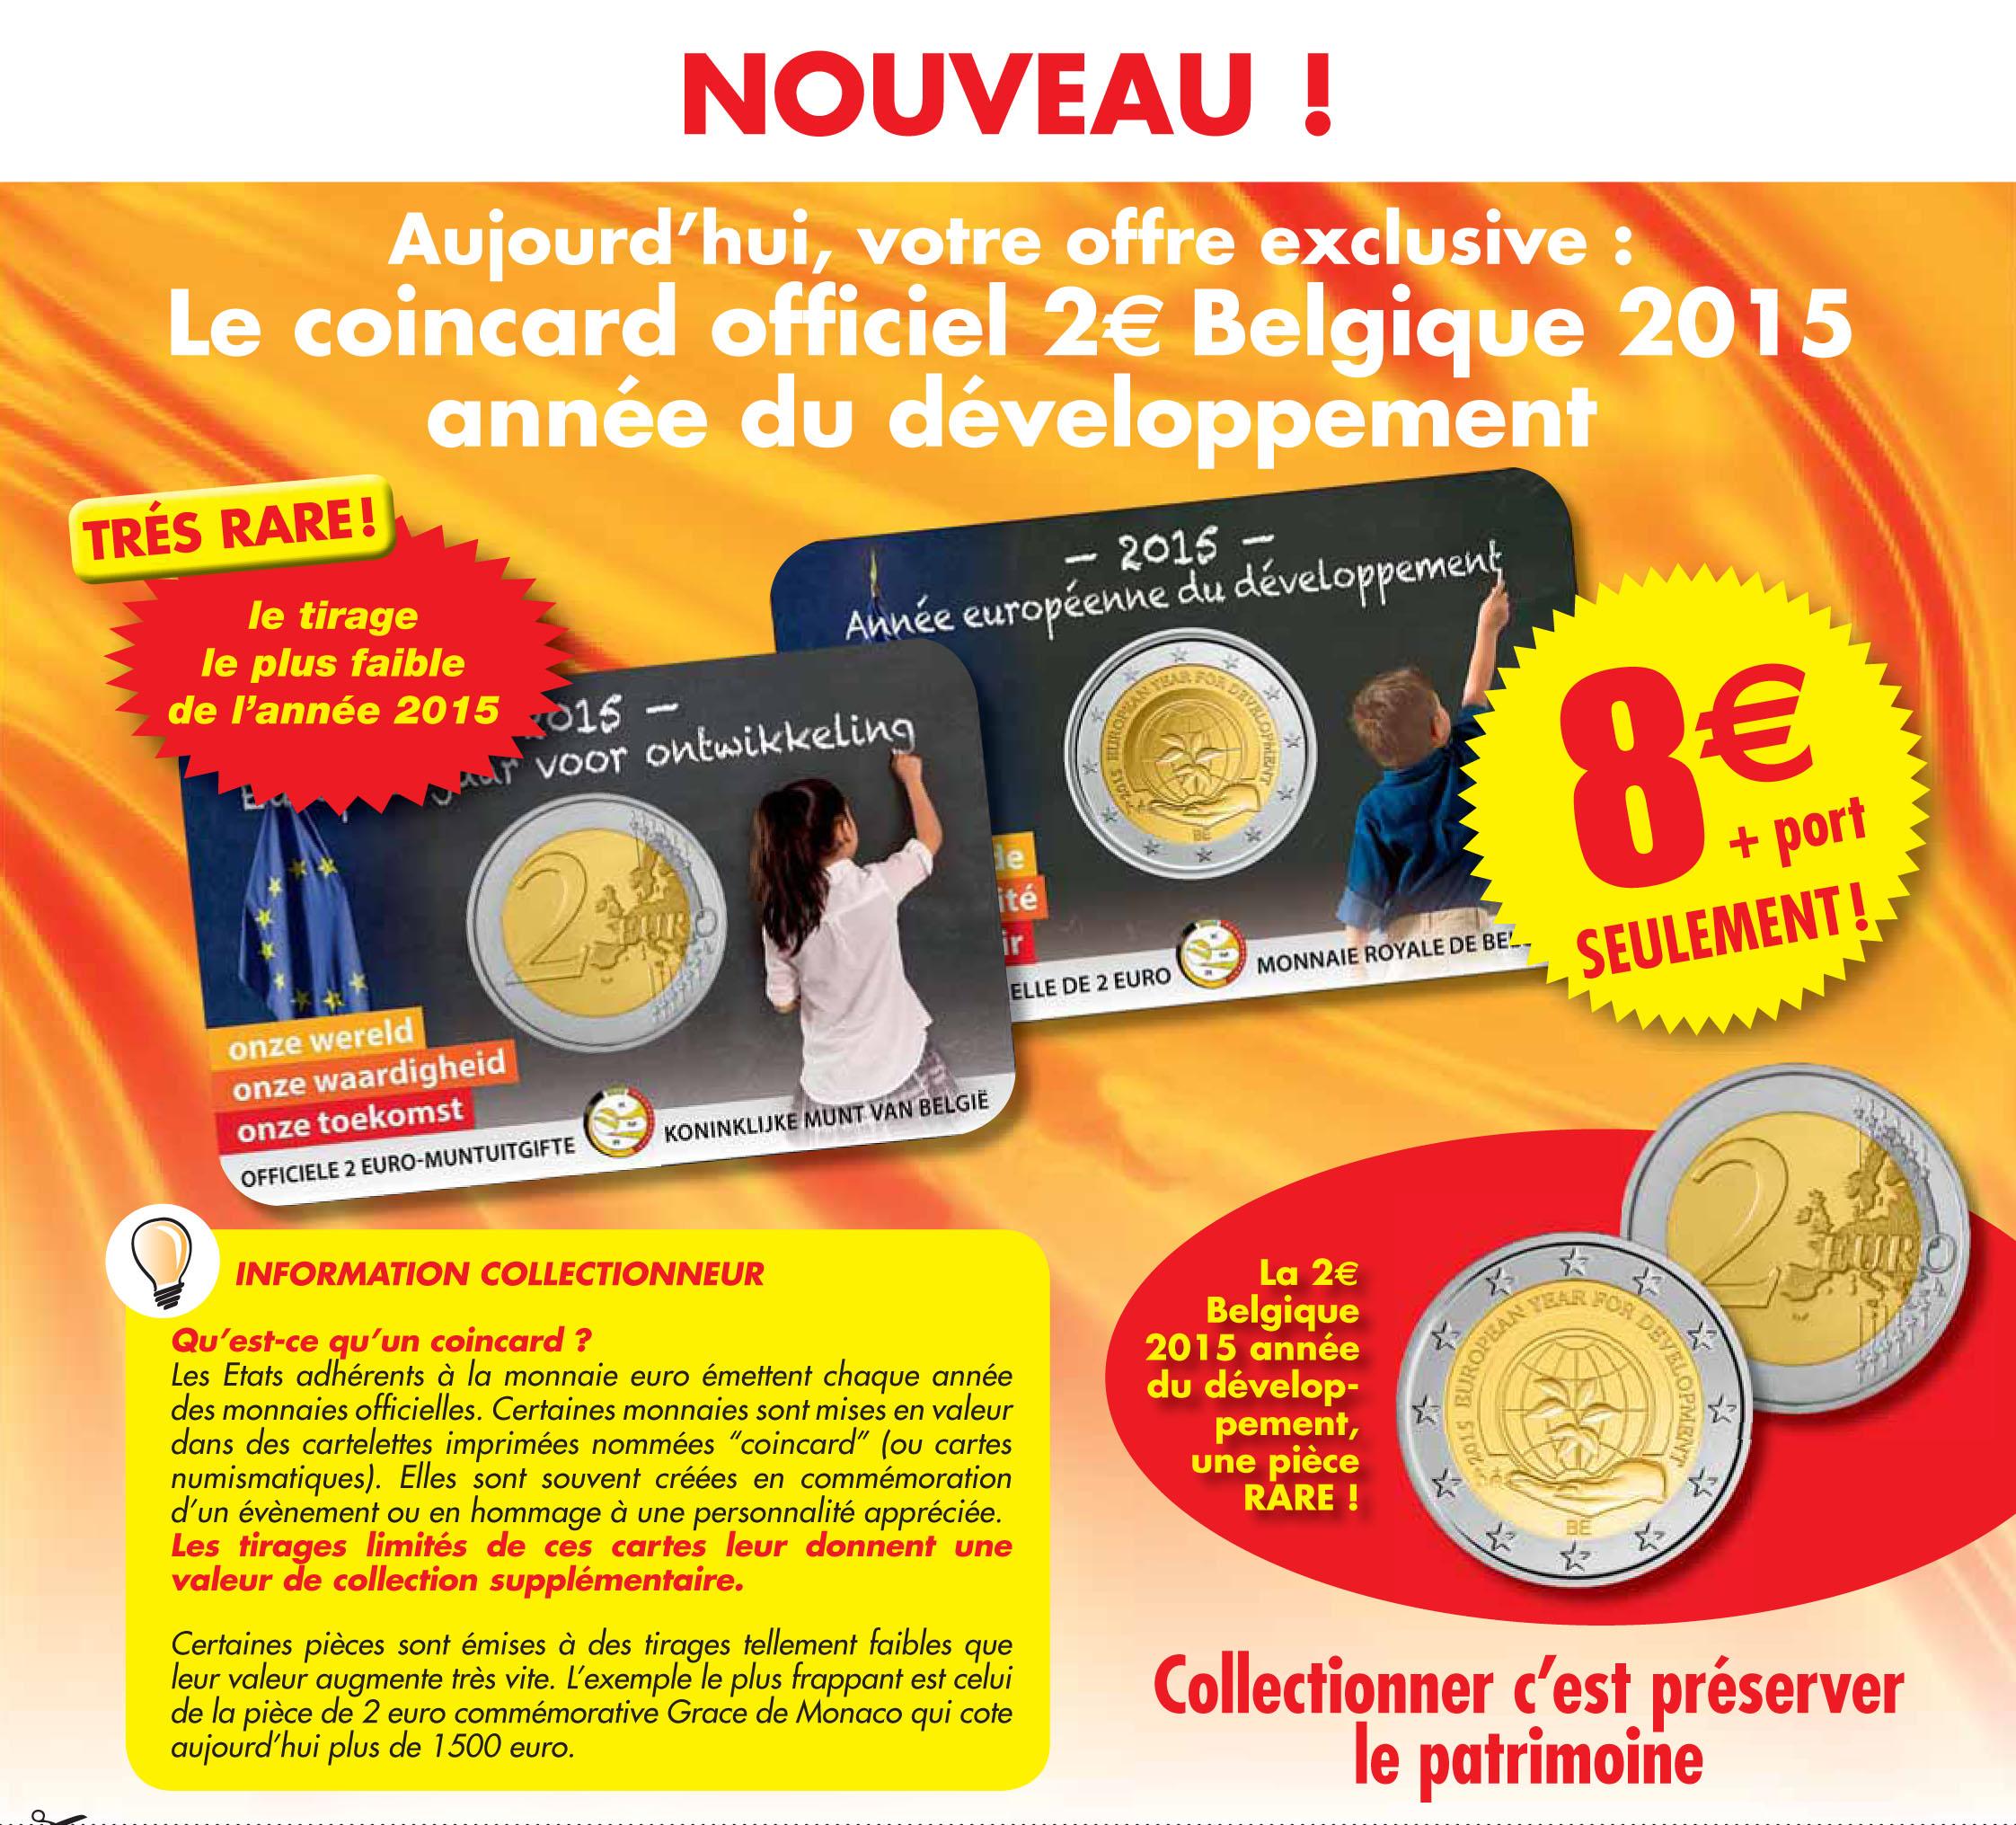 Votre coincard Belgique 2015